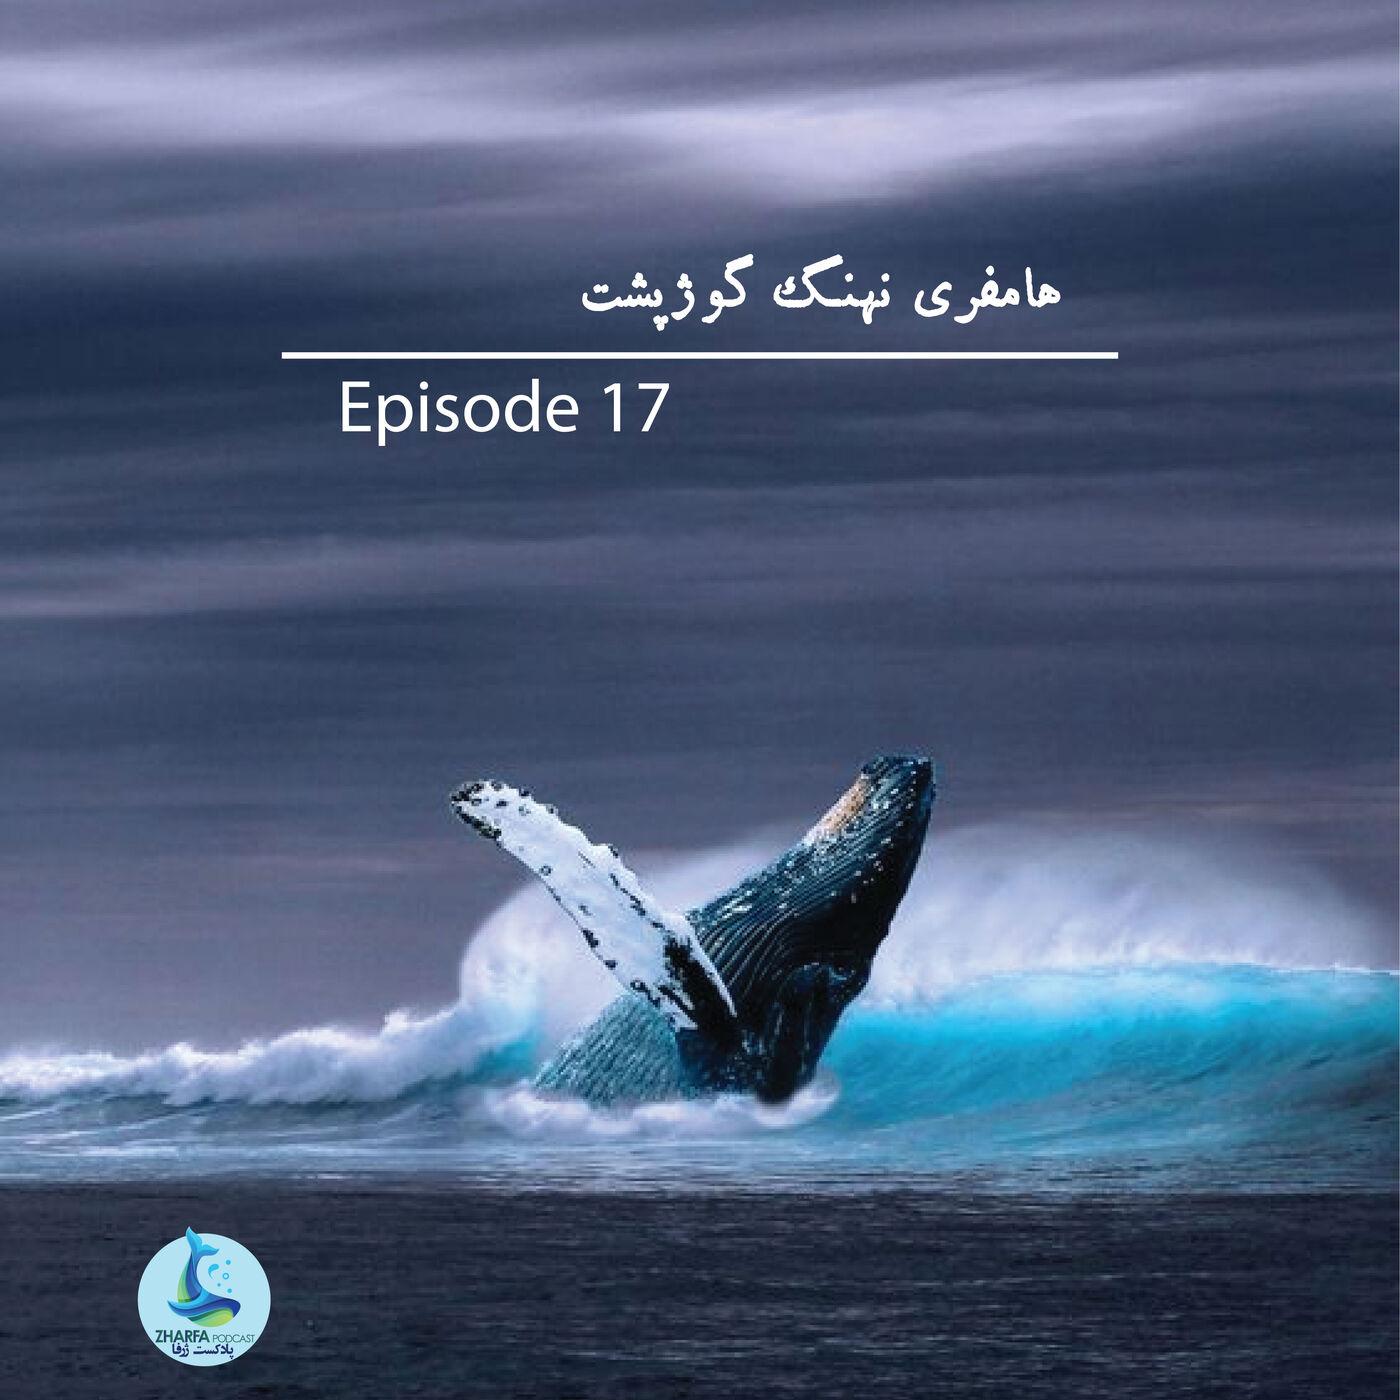 شماره هفدهم - هامفری نهنگ گوژپشت